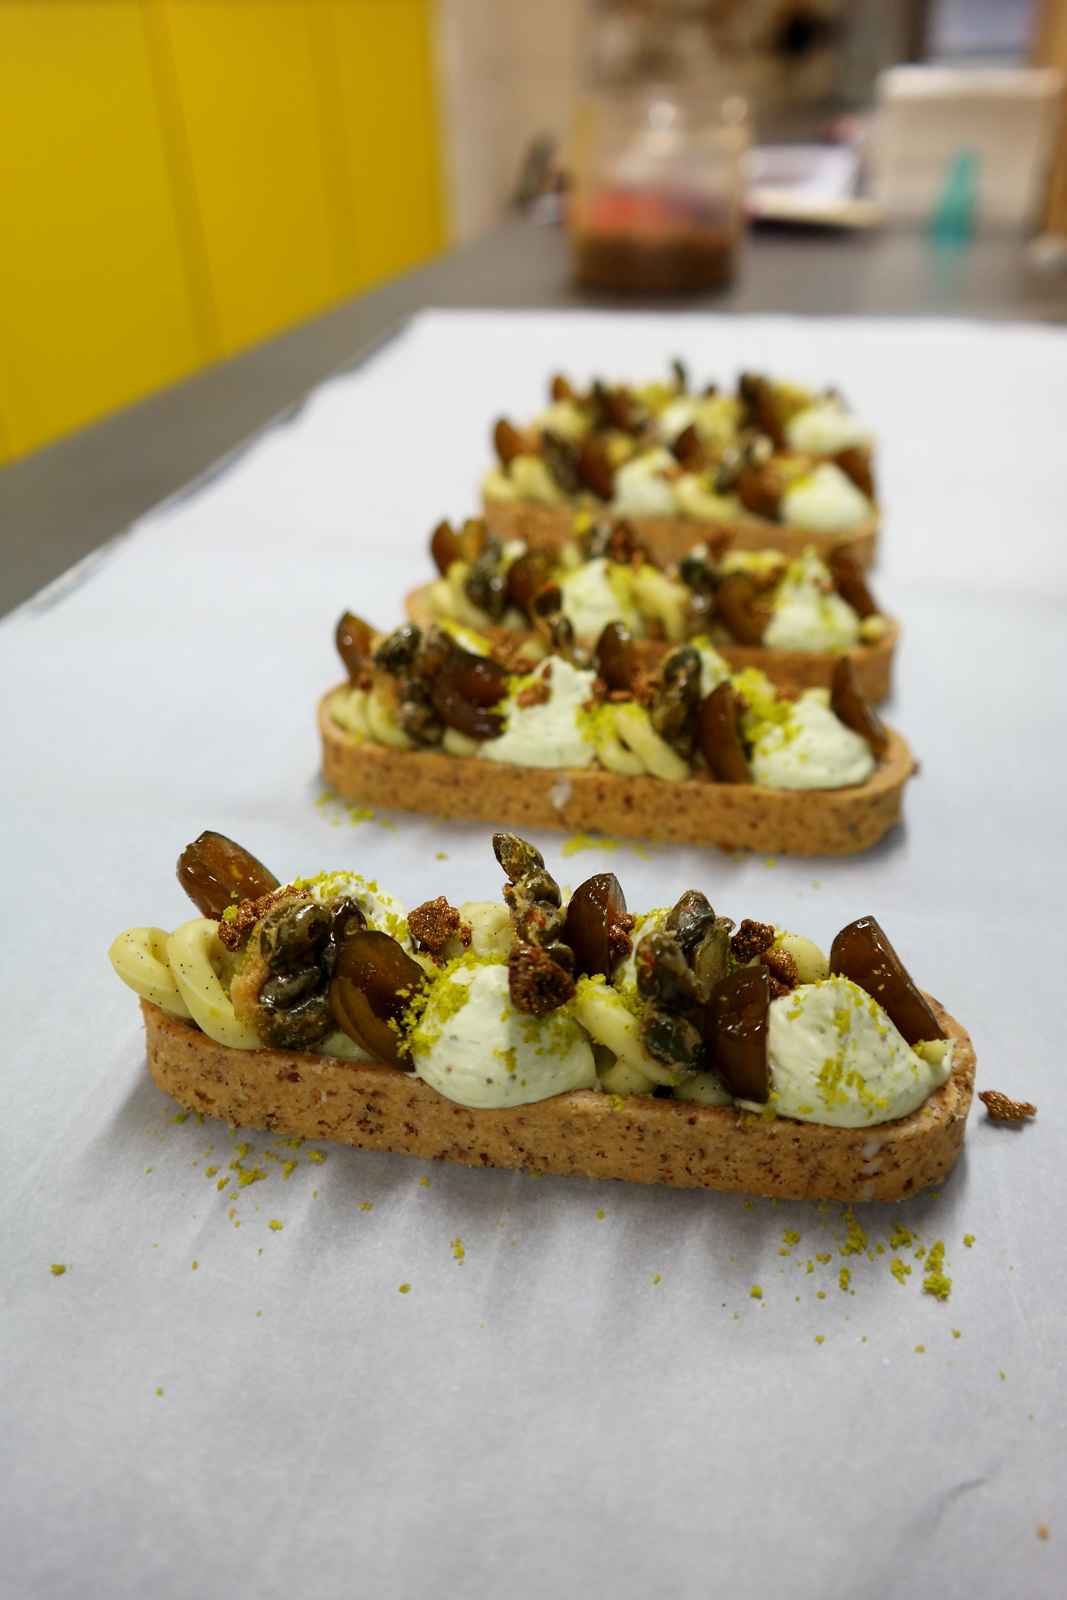 Barlette pistache olive L Eclair de Génie La Fabrique Christophe Adam recette crème mascarpone pignons grillés chantilly spéculos photo by United States of Paris Blog